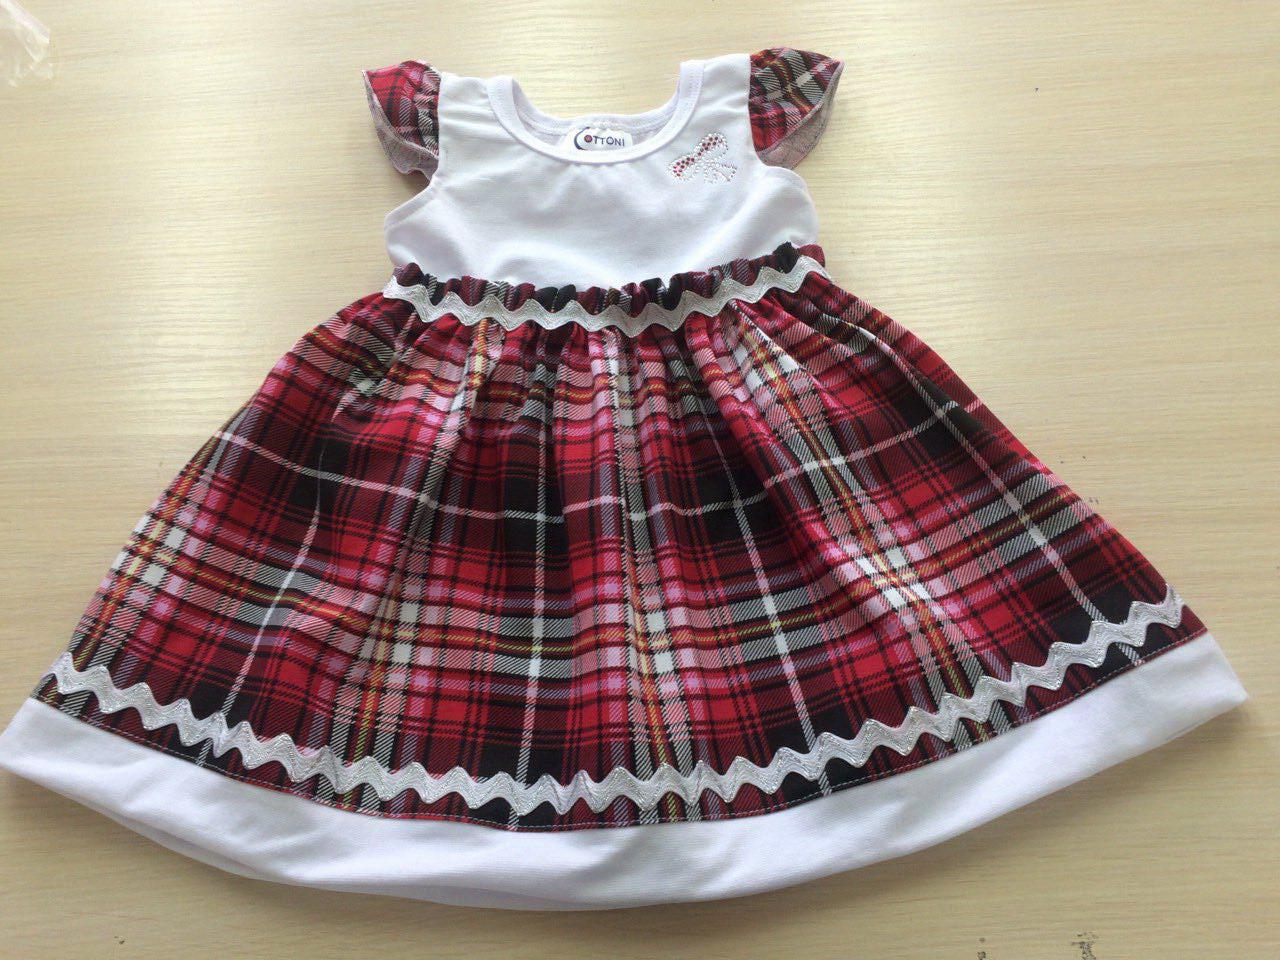 Сбор заказов. Детская одежда Коттони от белорусского производителя. Высокое качество натуральных тканей